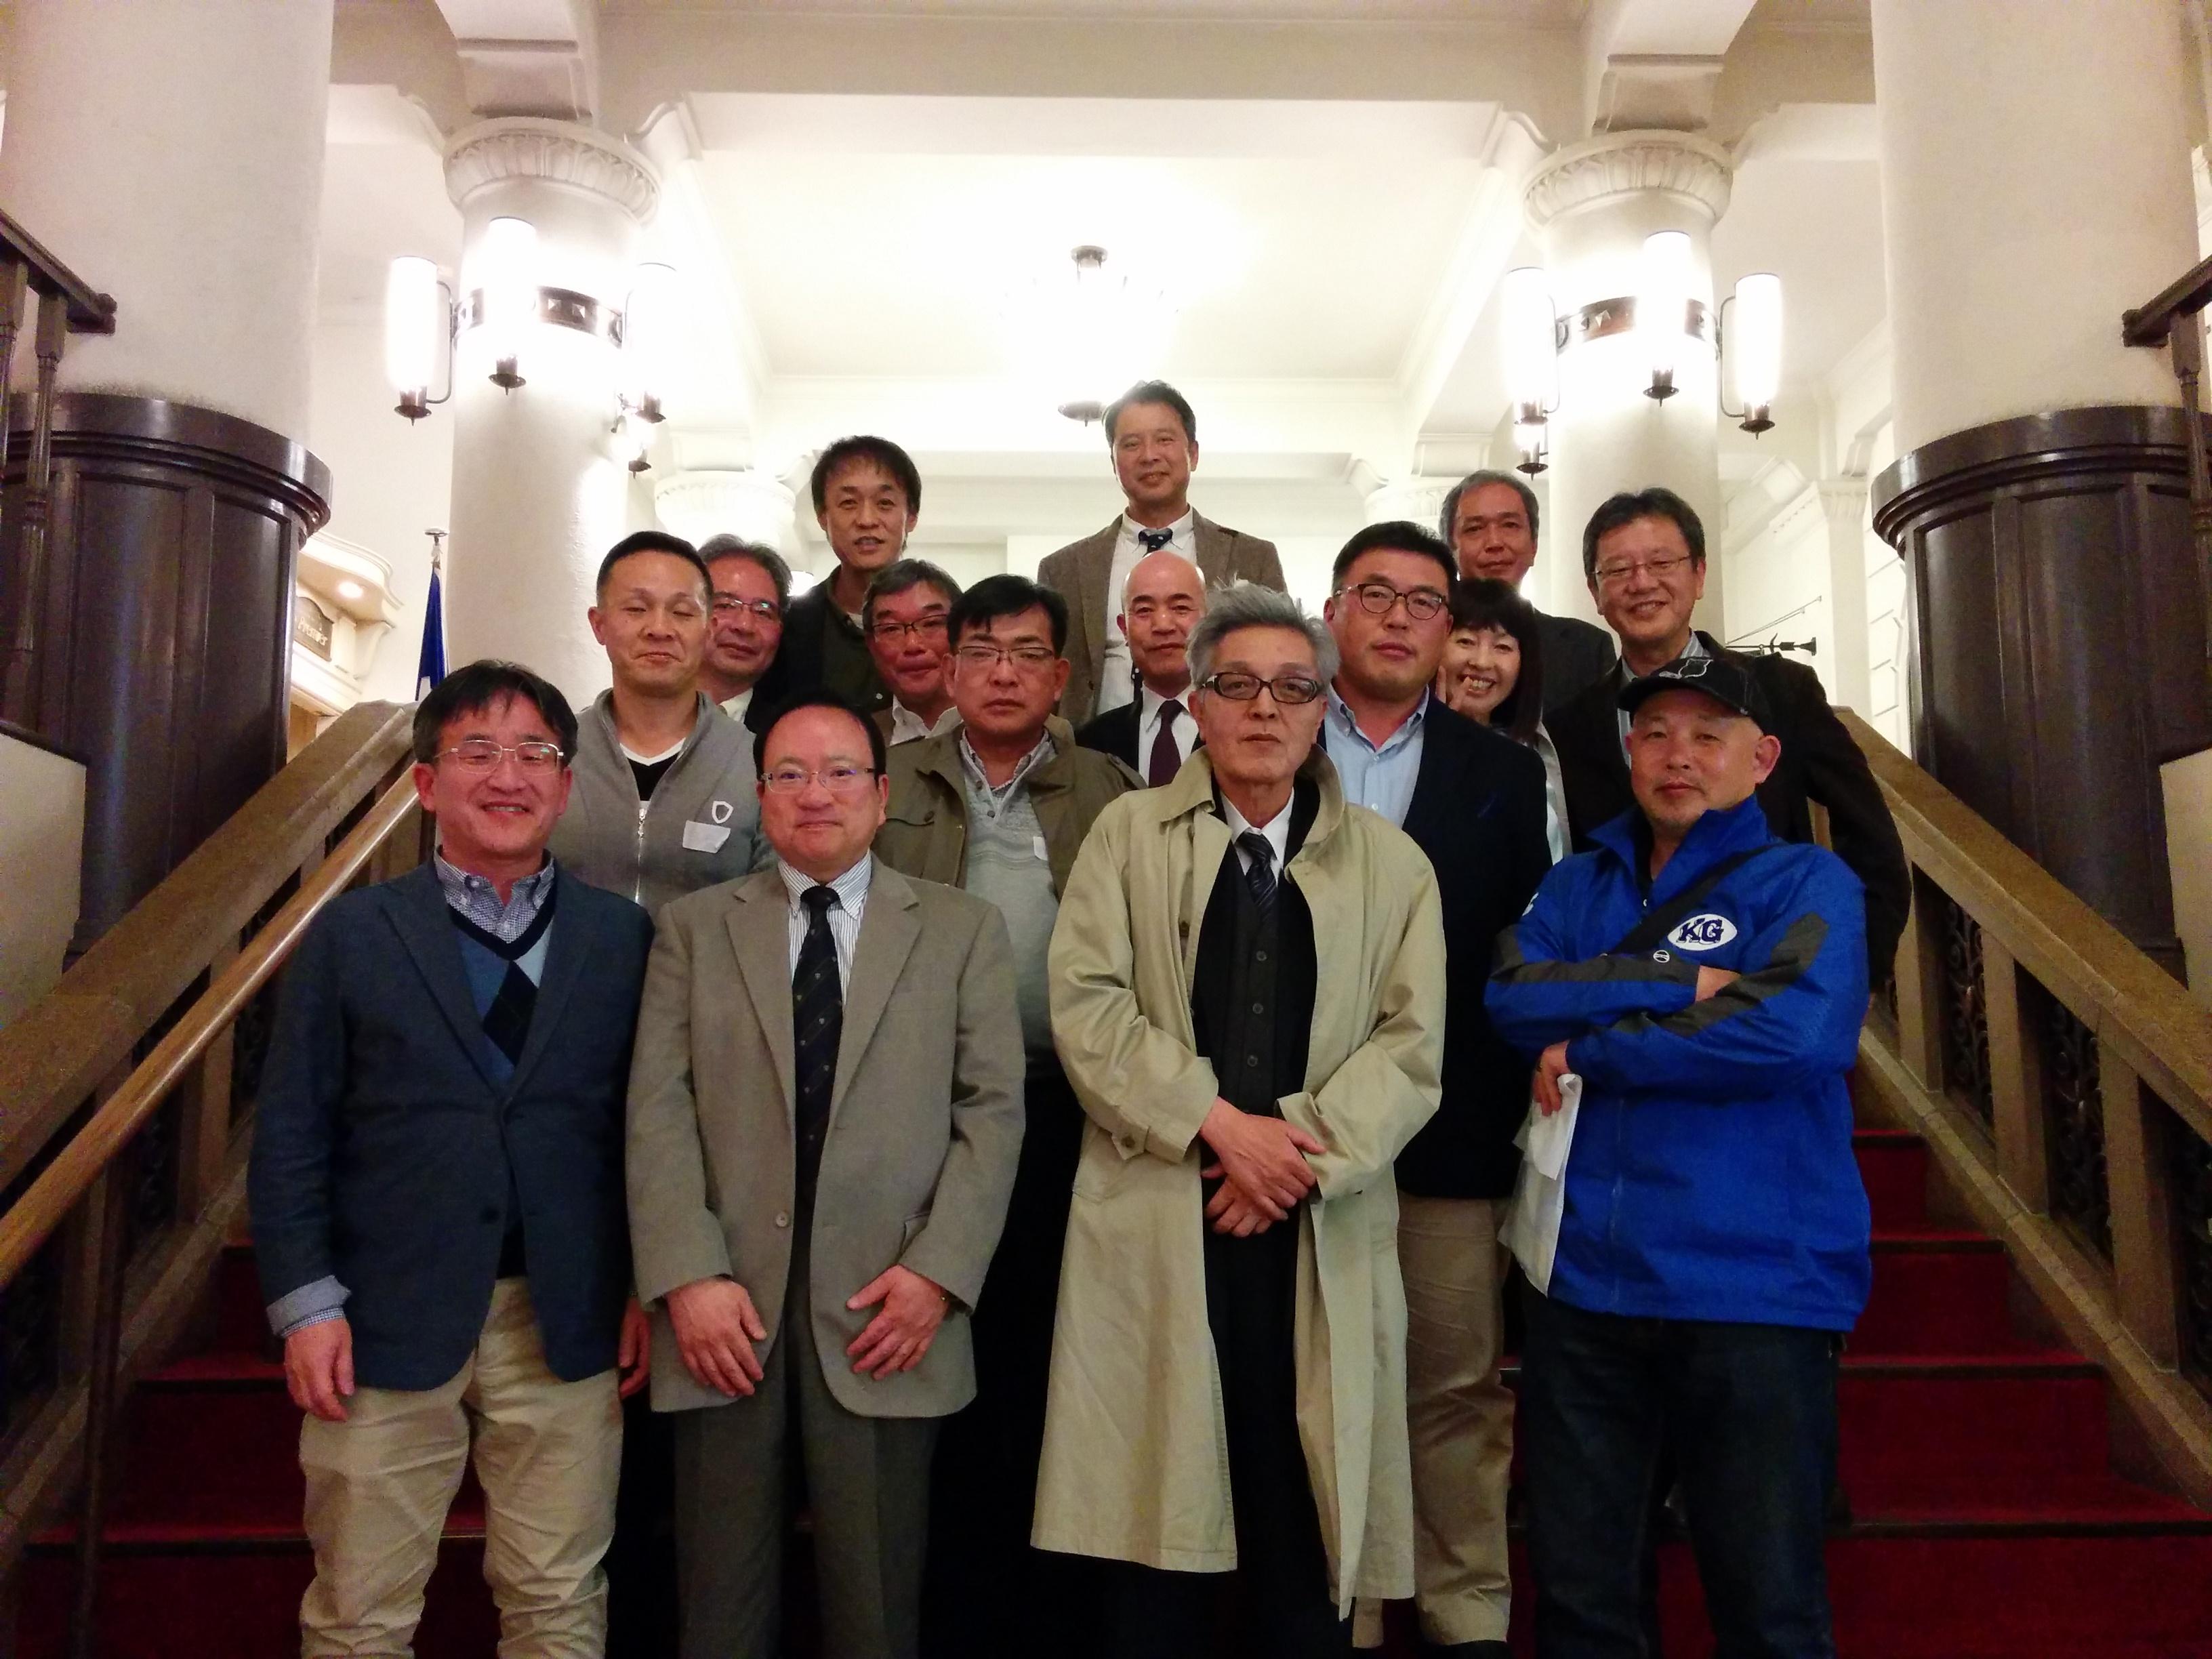 ゼミ2期生による田中先生定年退職祝の会